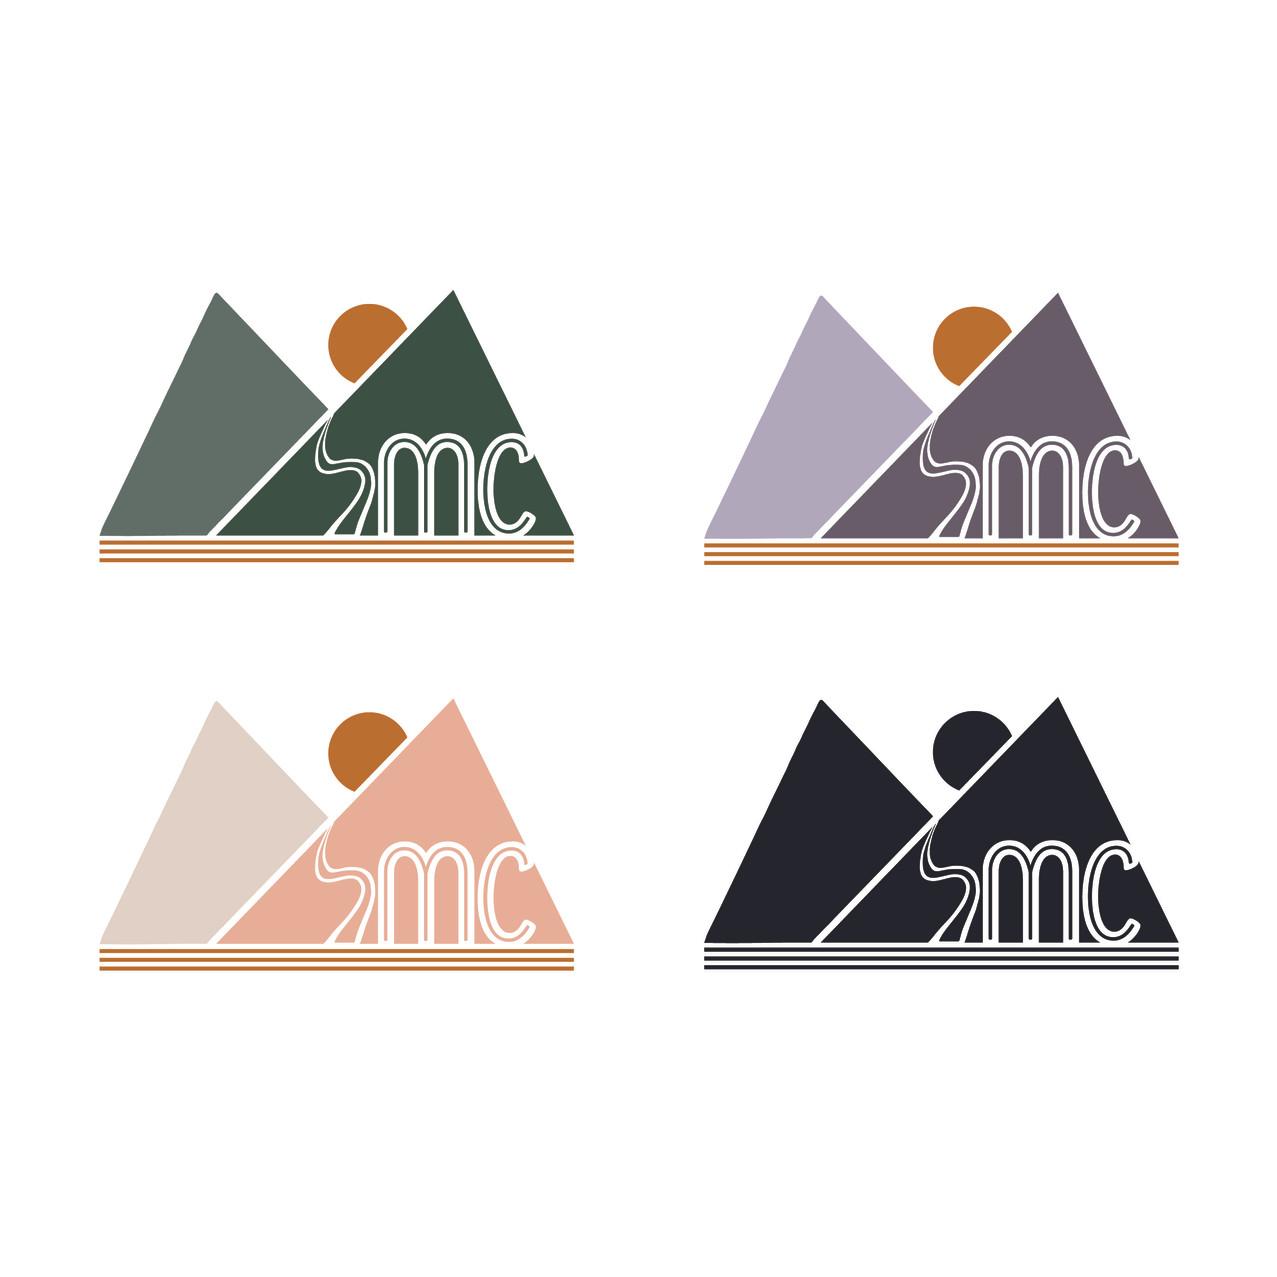 New logo variations